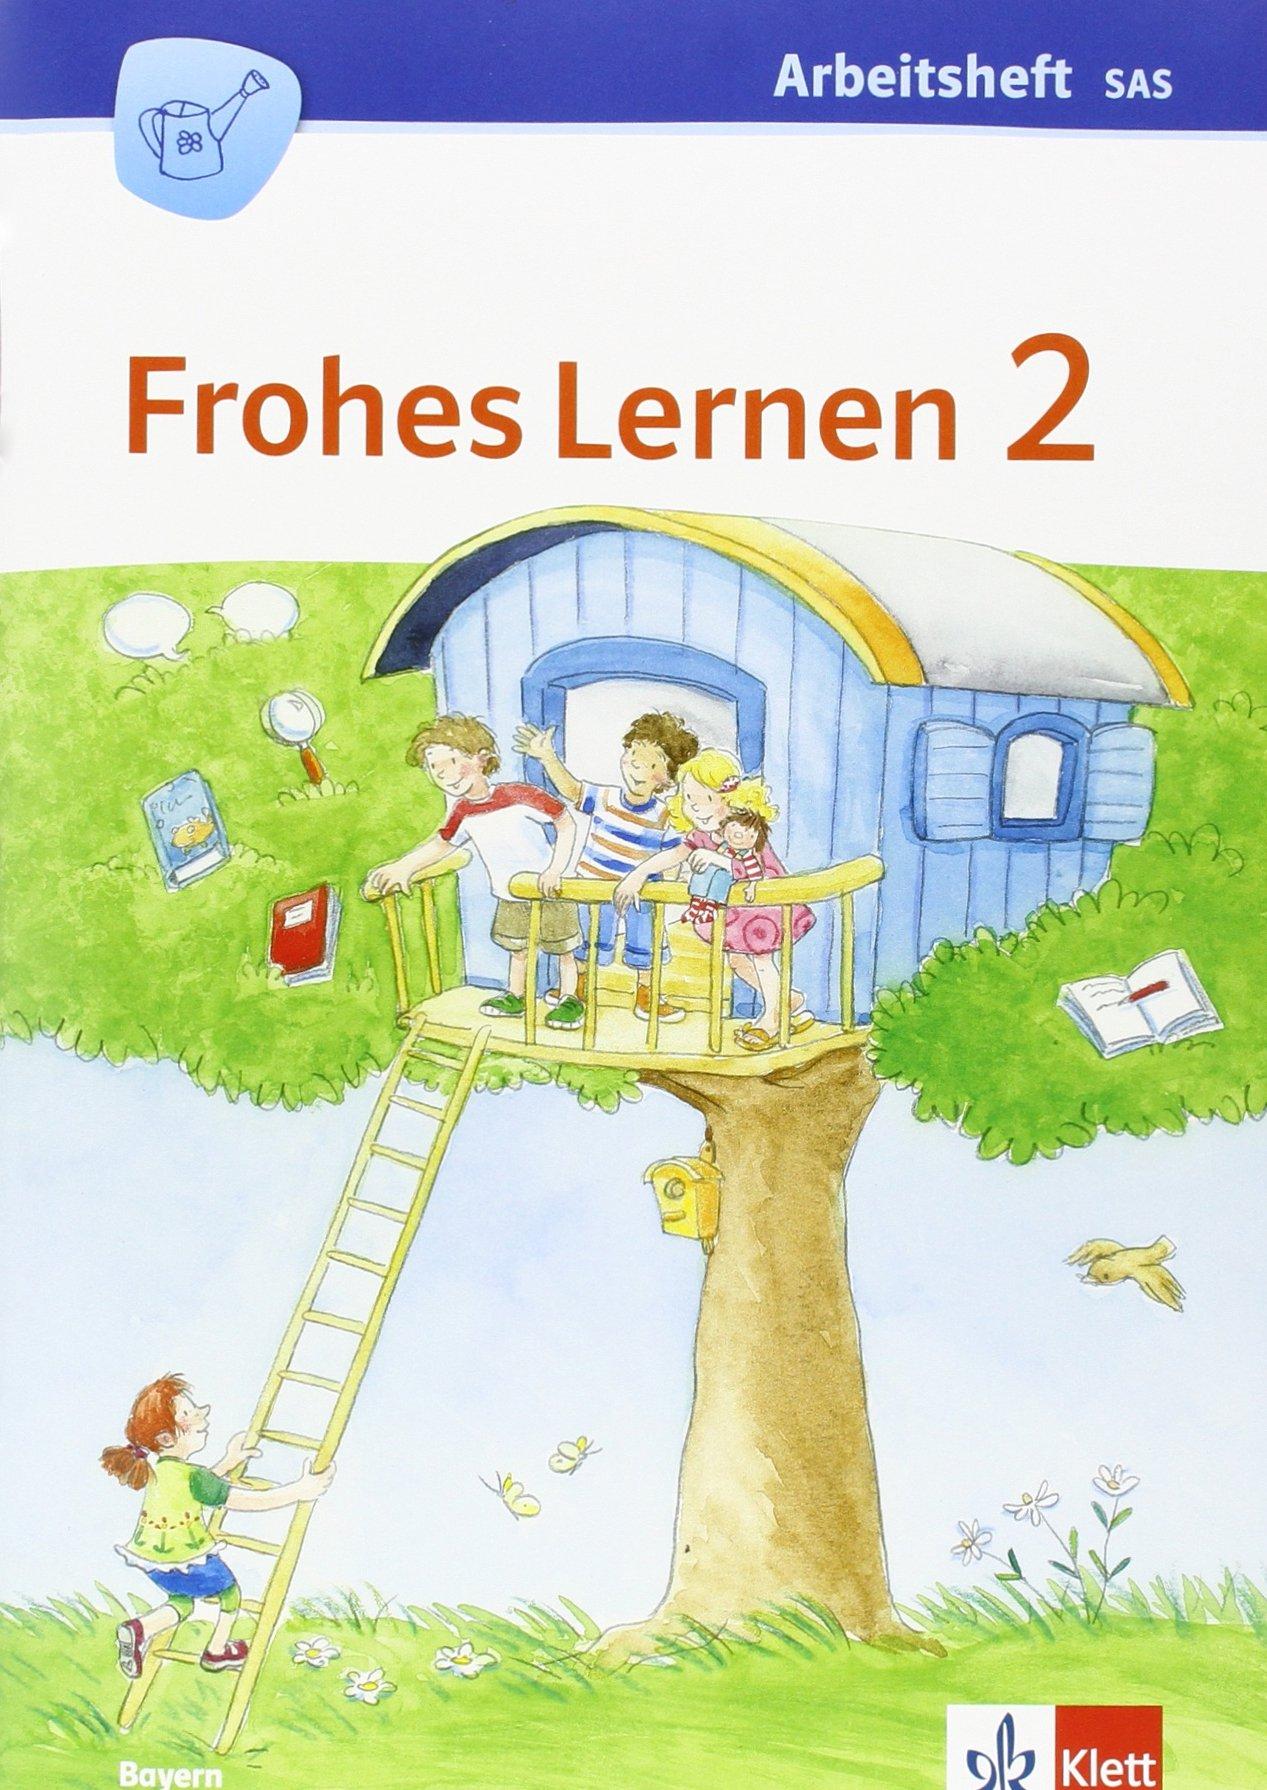 FROHES LERNEN Sprachbuch / Arbeitsheft Schulausgangsschrift 2. Schuljahr